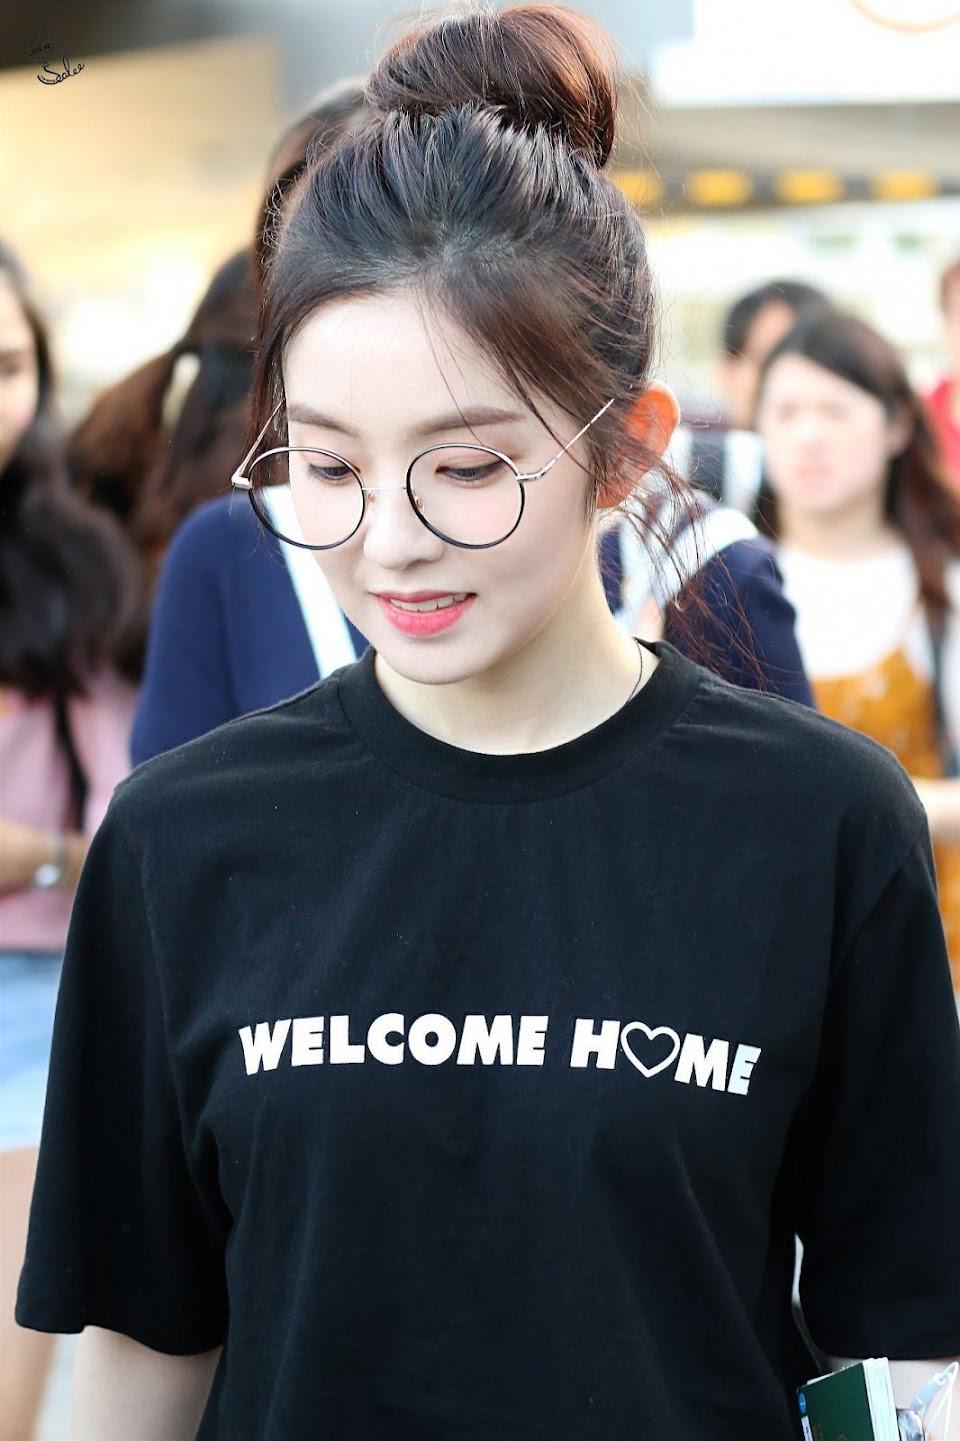 irene glasses 13